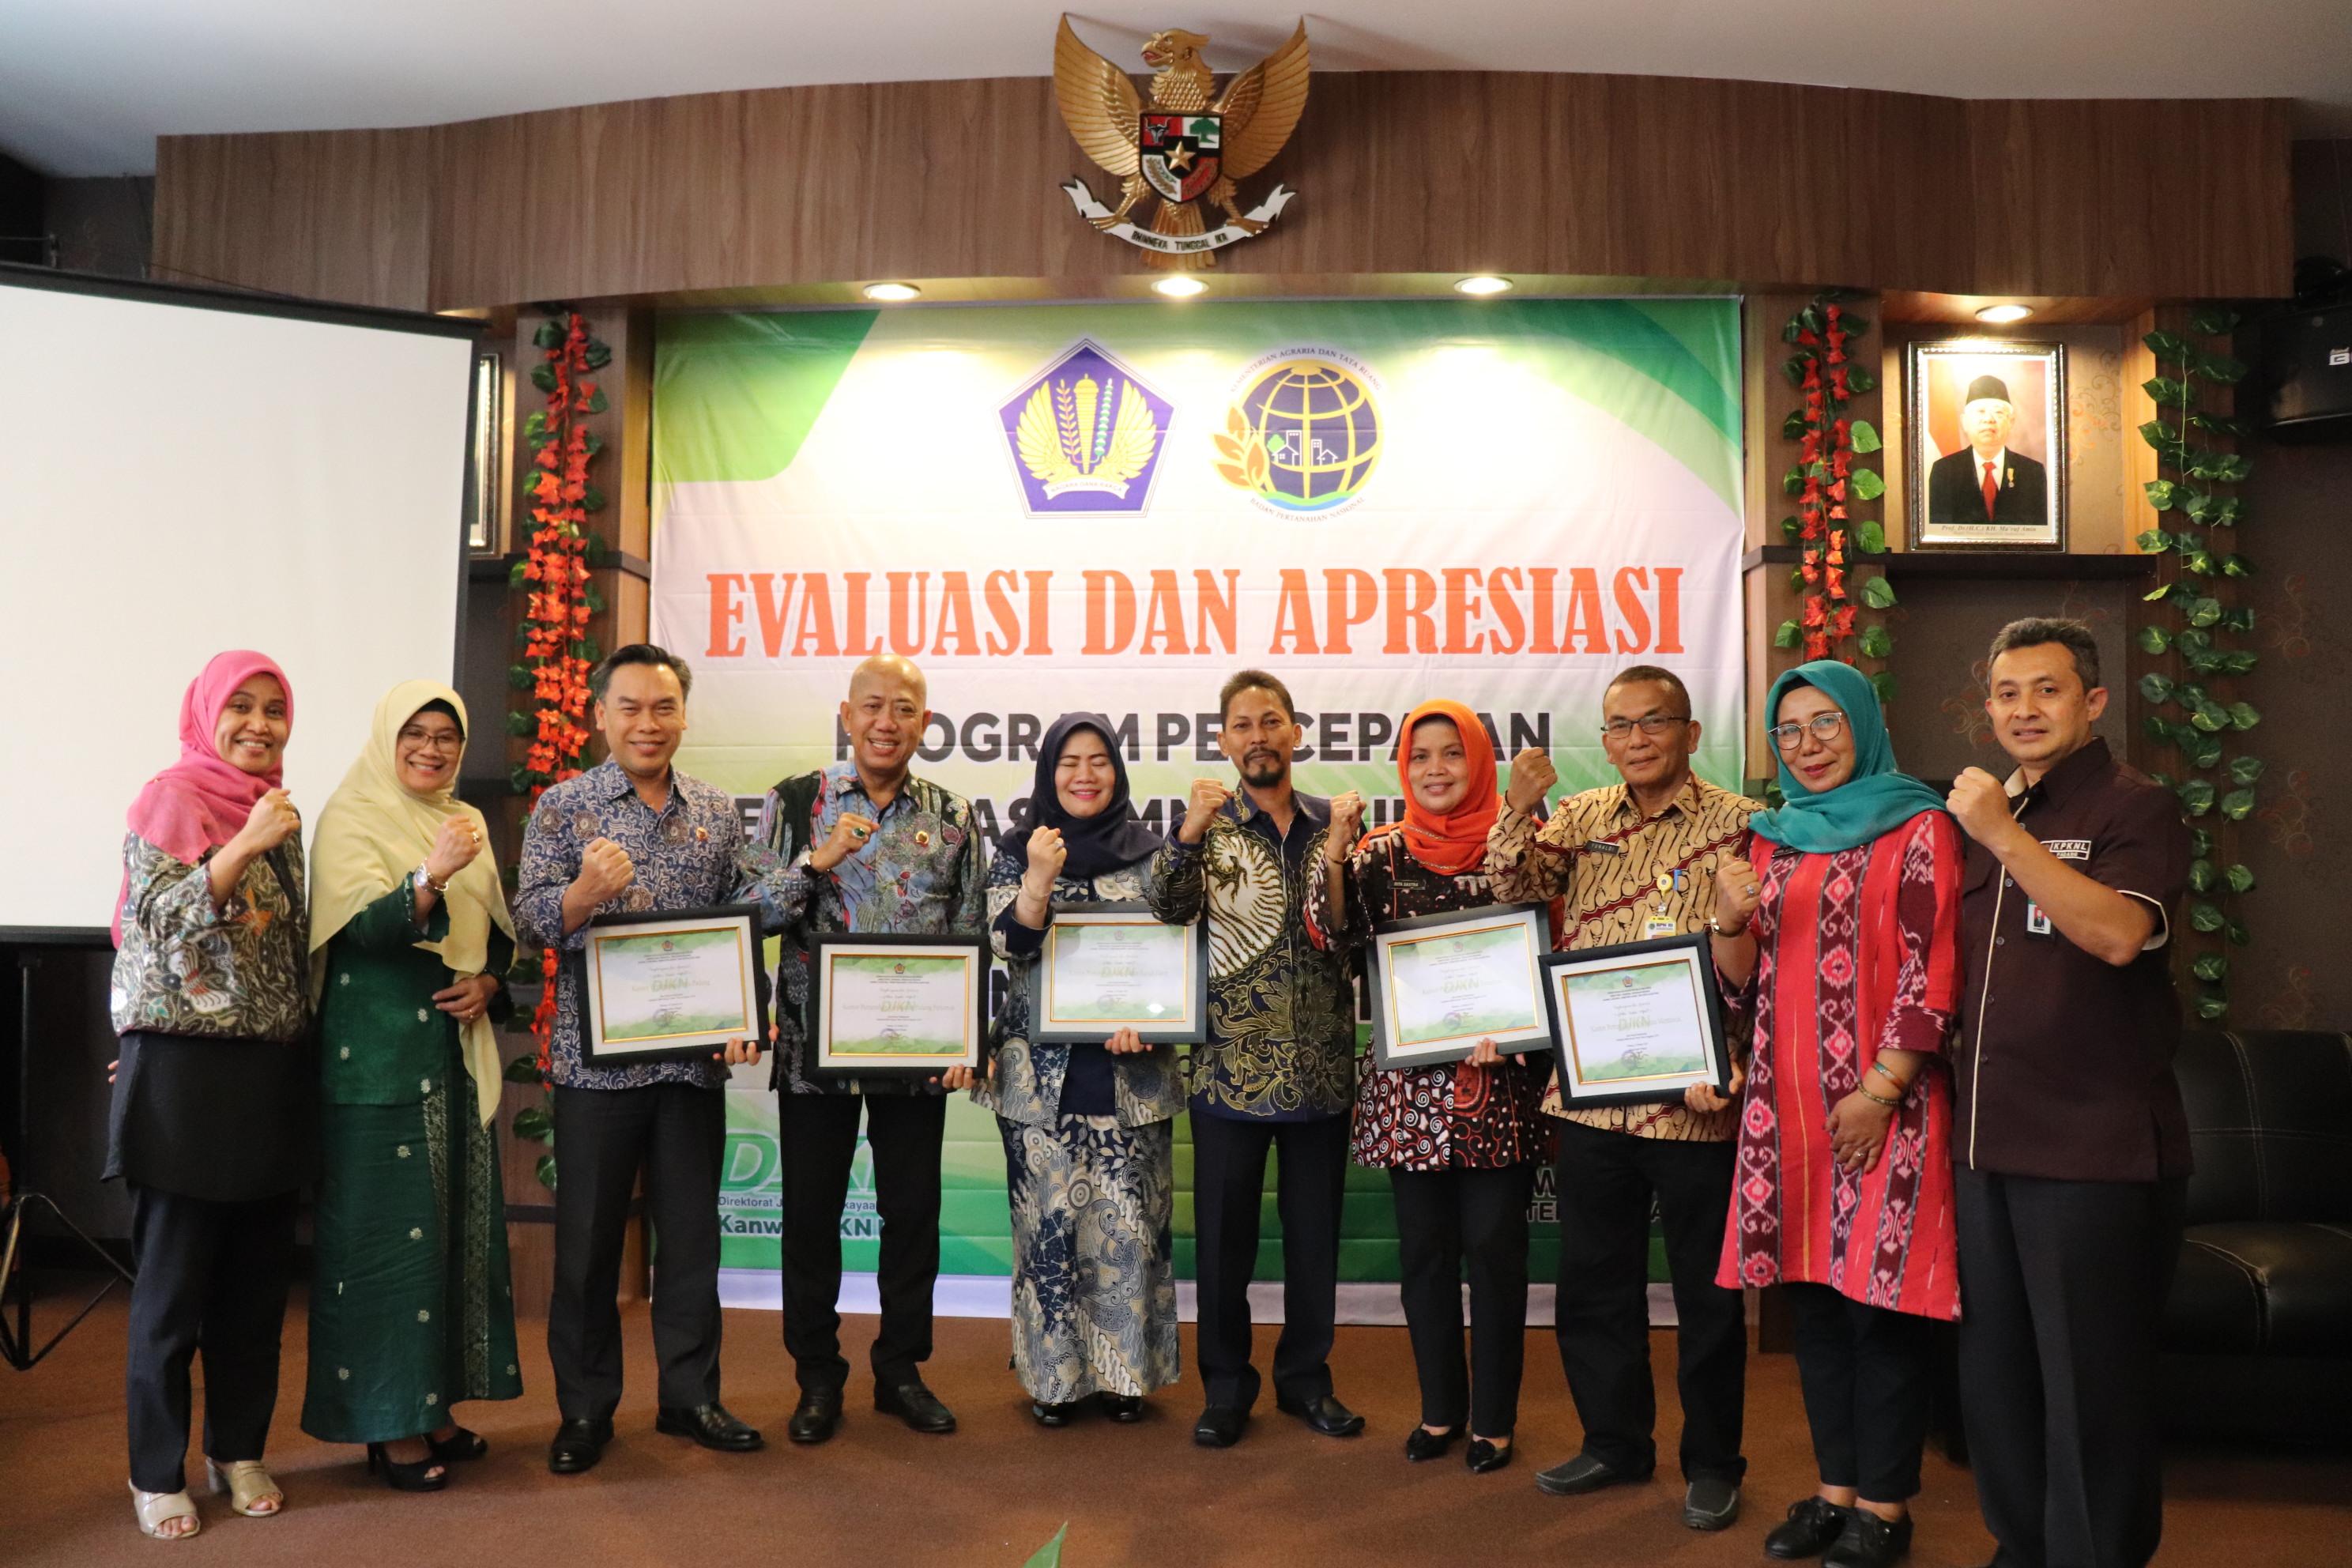 Kanwil DJKN RSK Gelar Evaluasi dan Apresiasi Program Sertipikasi BMN di KPKNL Padang